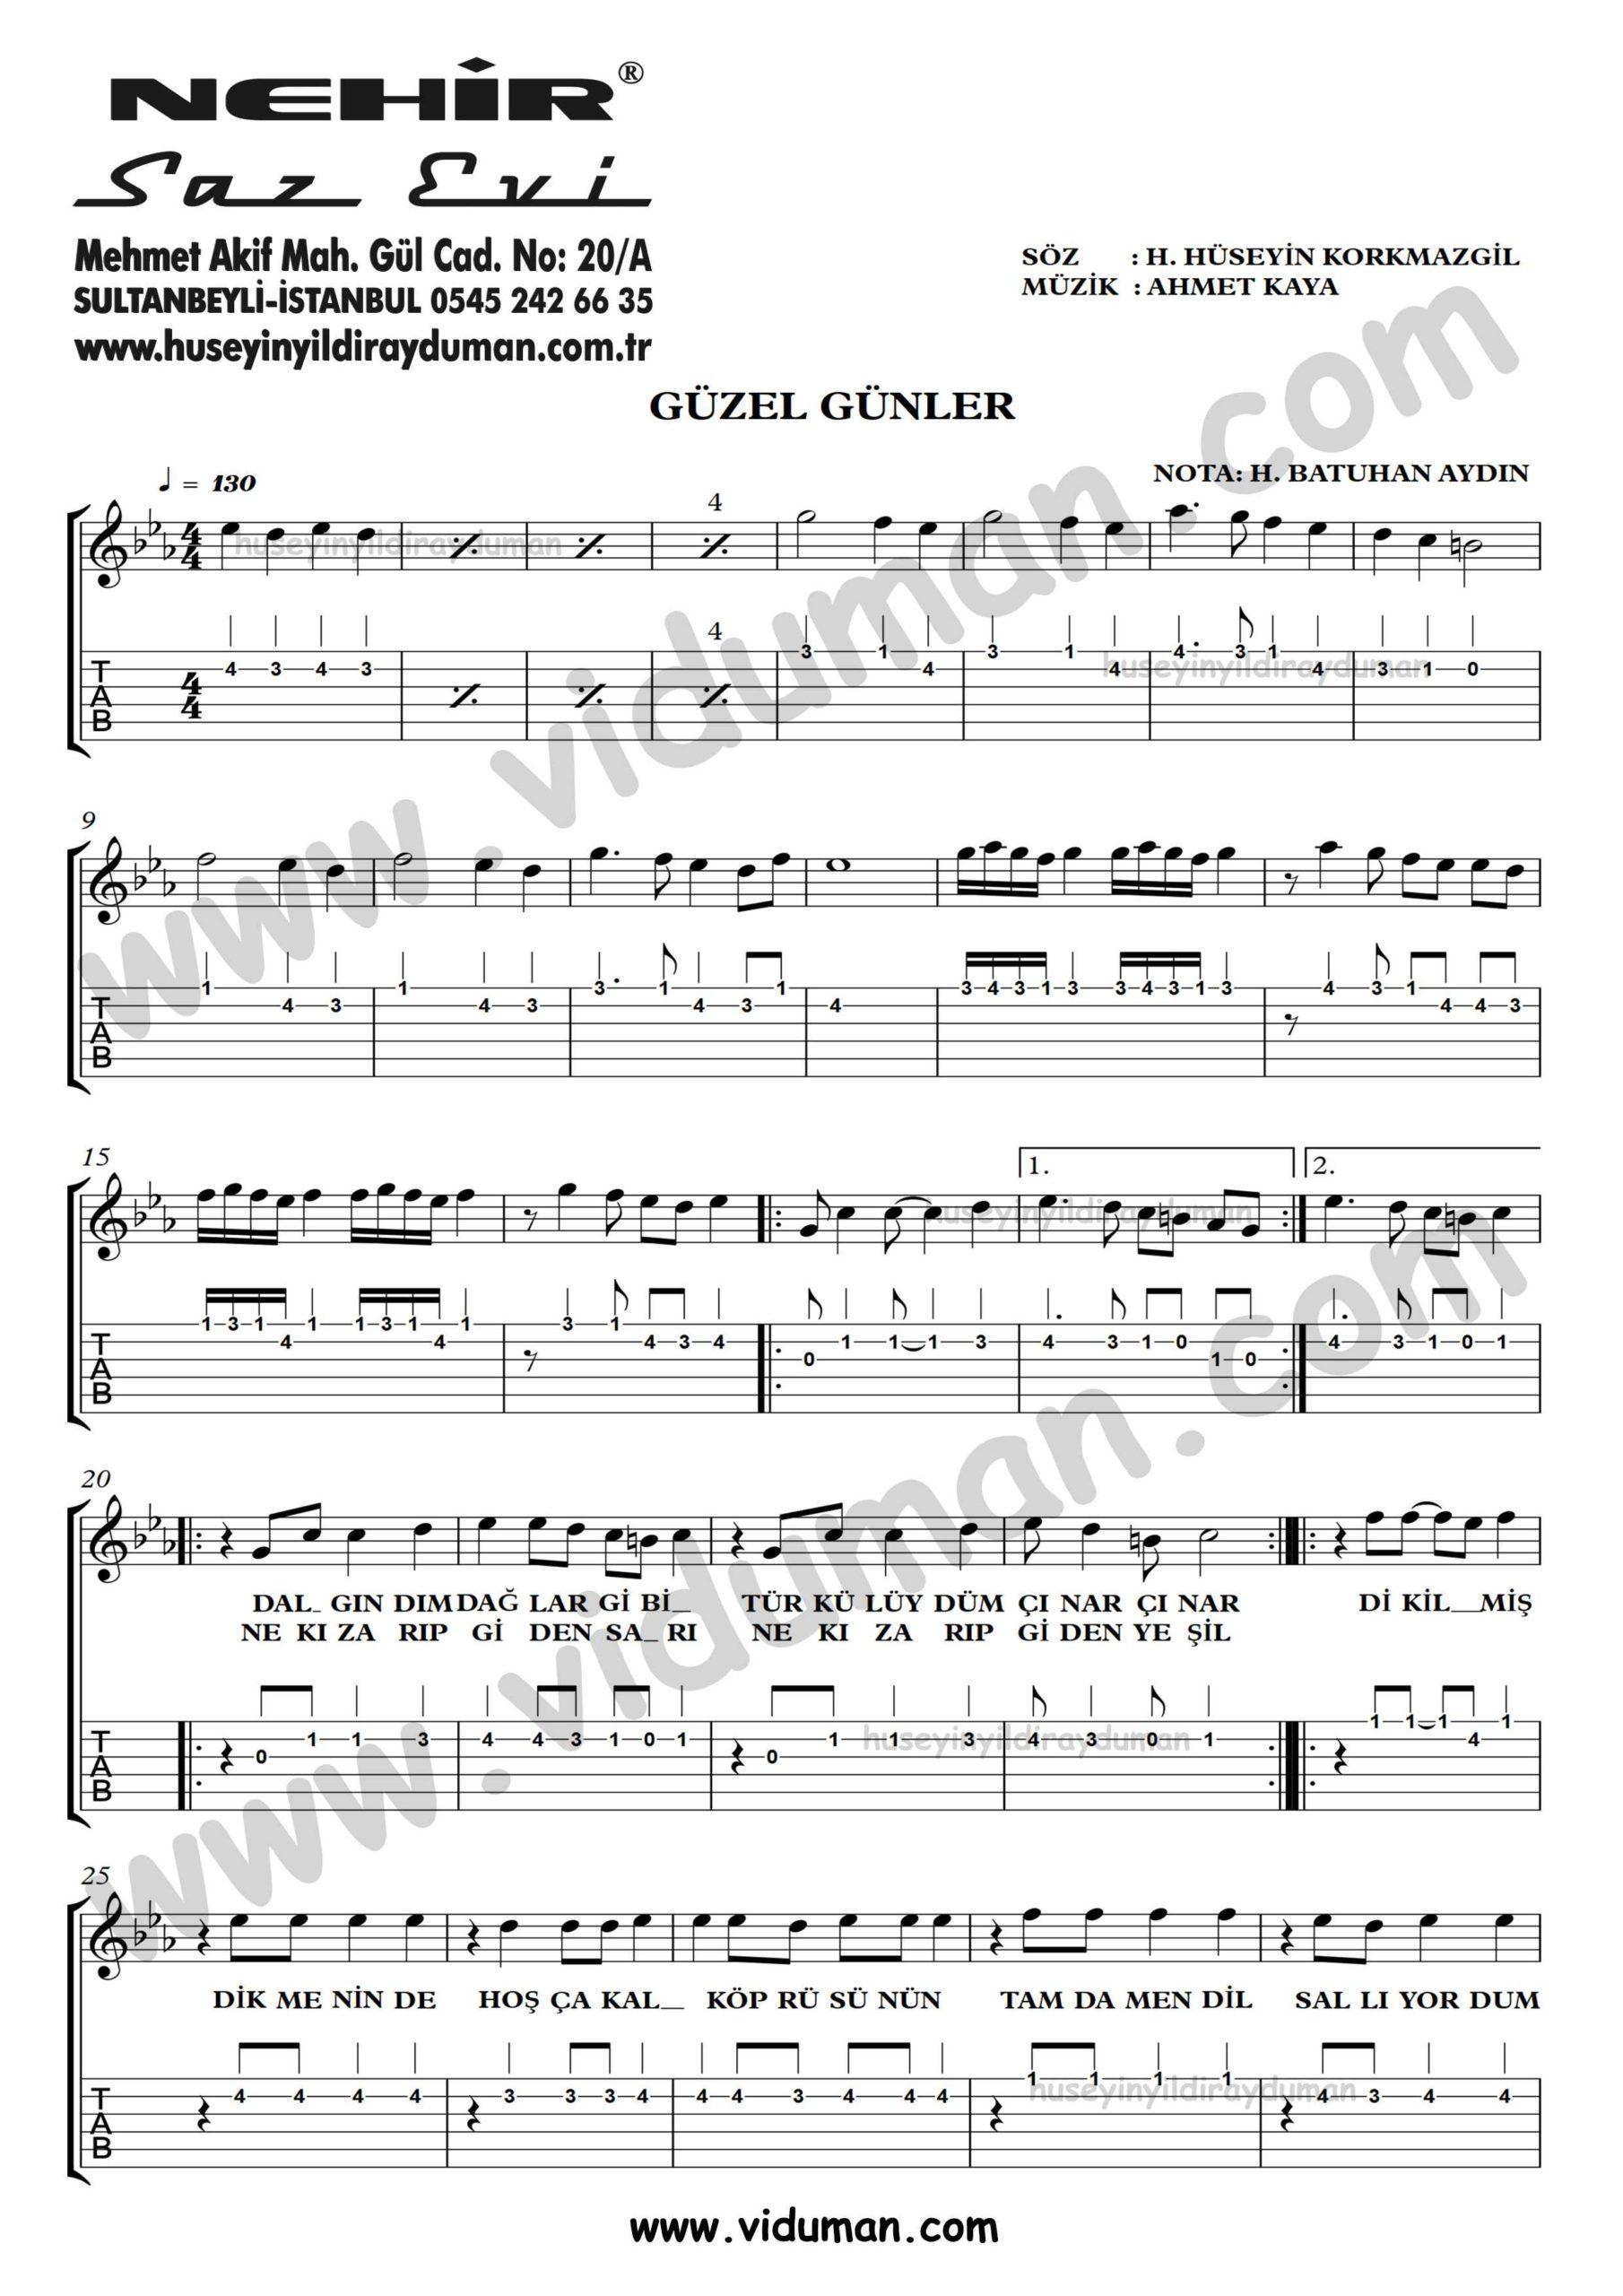 Guzel Gunler_1-Ahmet Kaya-Gitar Tab-Solo Notalari